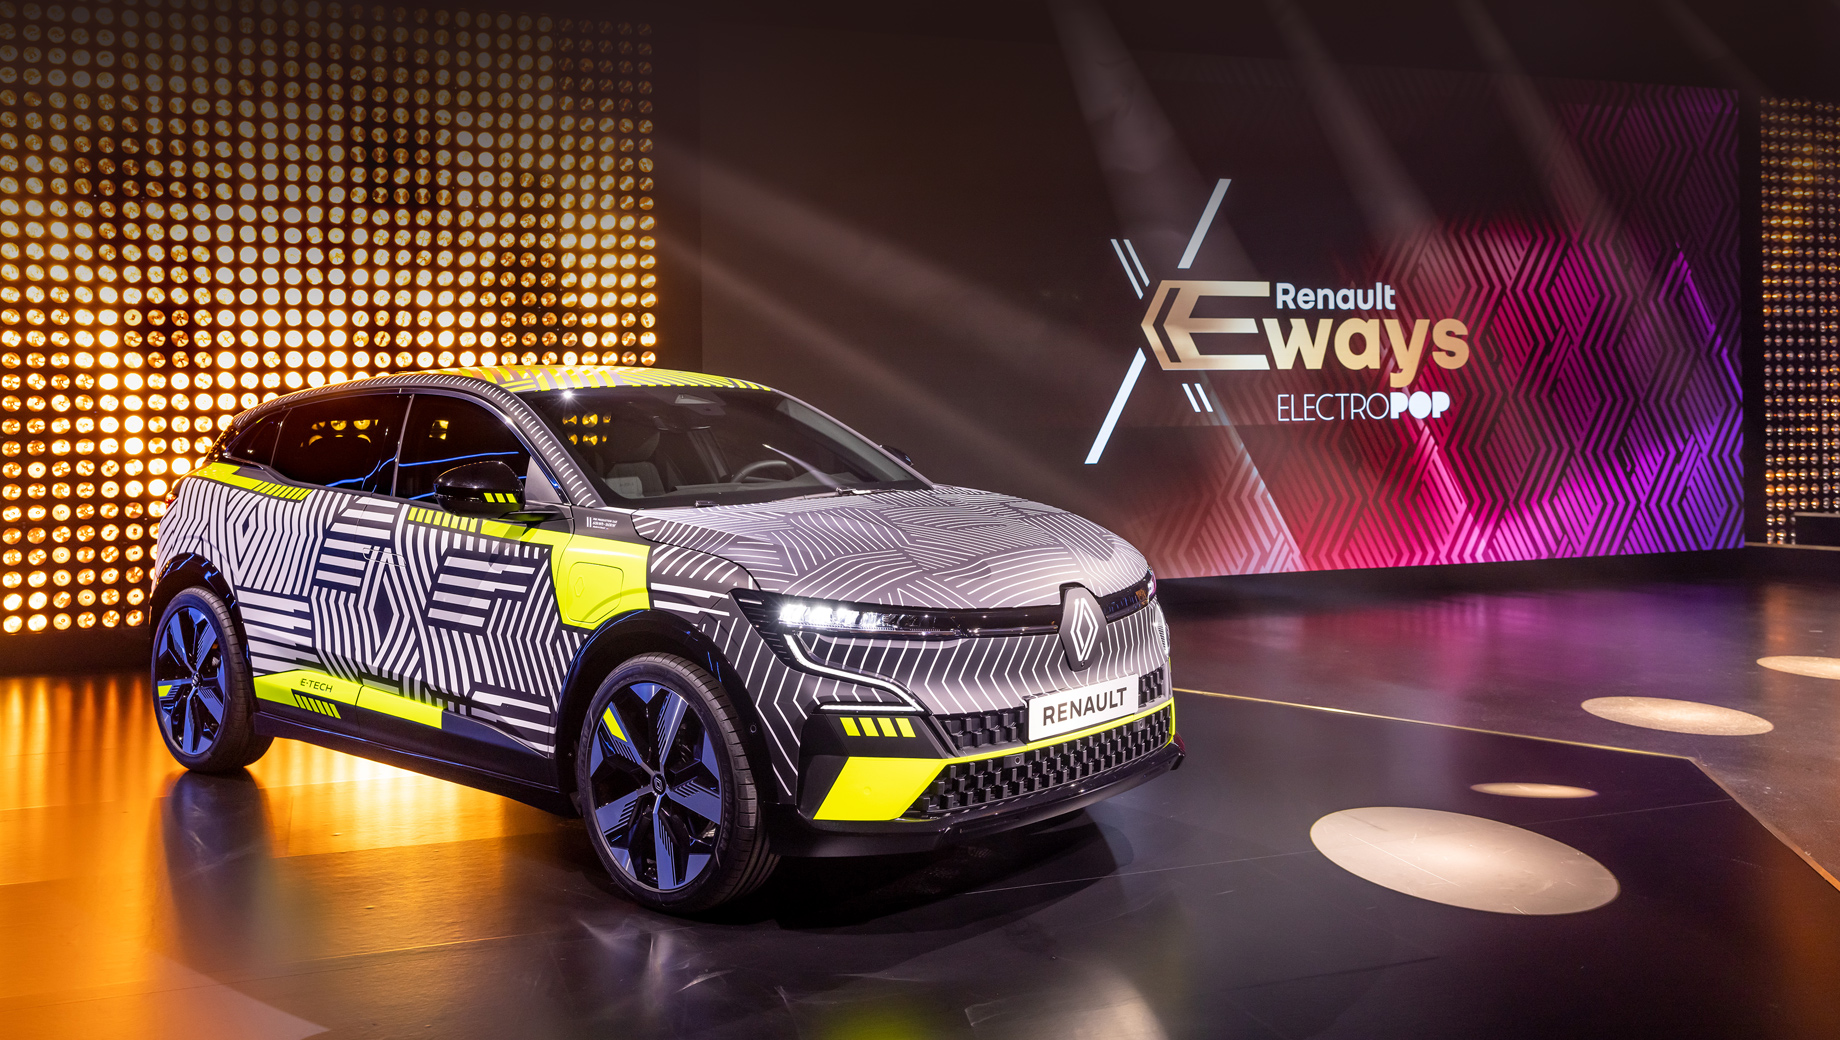 Группа Renault анонсировала электрические проекты